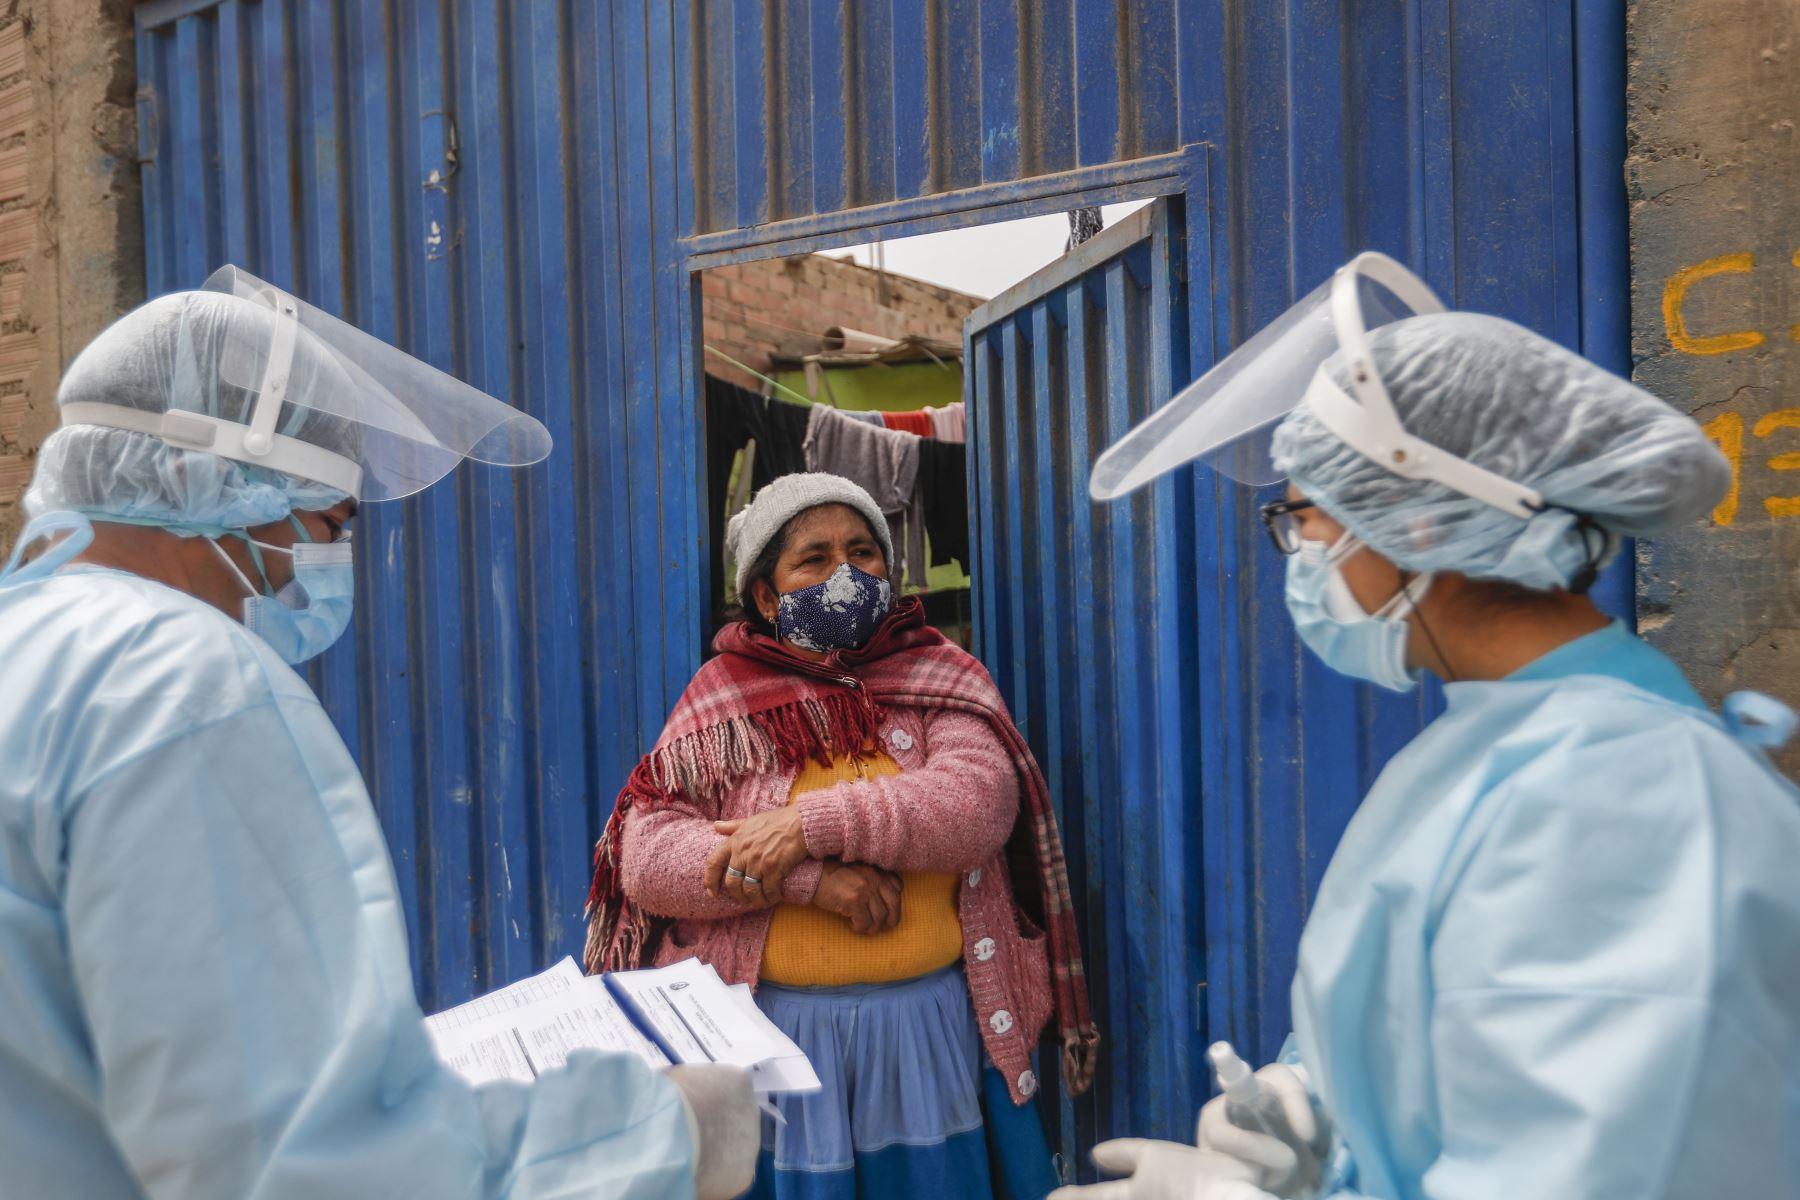 Vecinos de Cajamarquilla reciben a las brigadas de salud, por lo general, en la puerta de sus domicilios. Foto: ANDINA/Renato Pajuelo